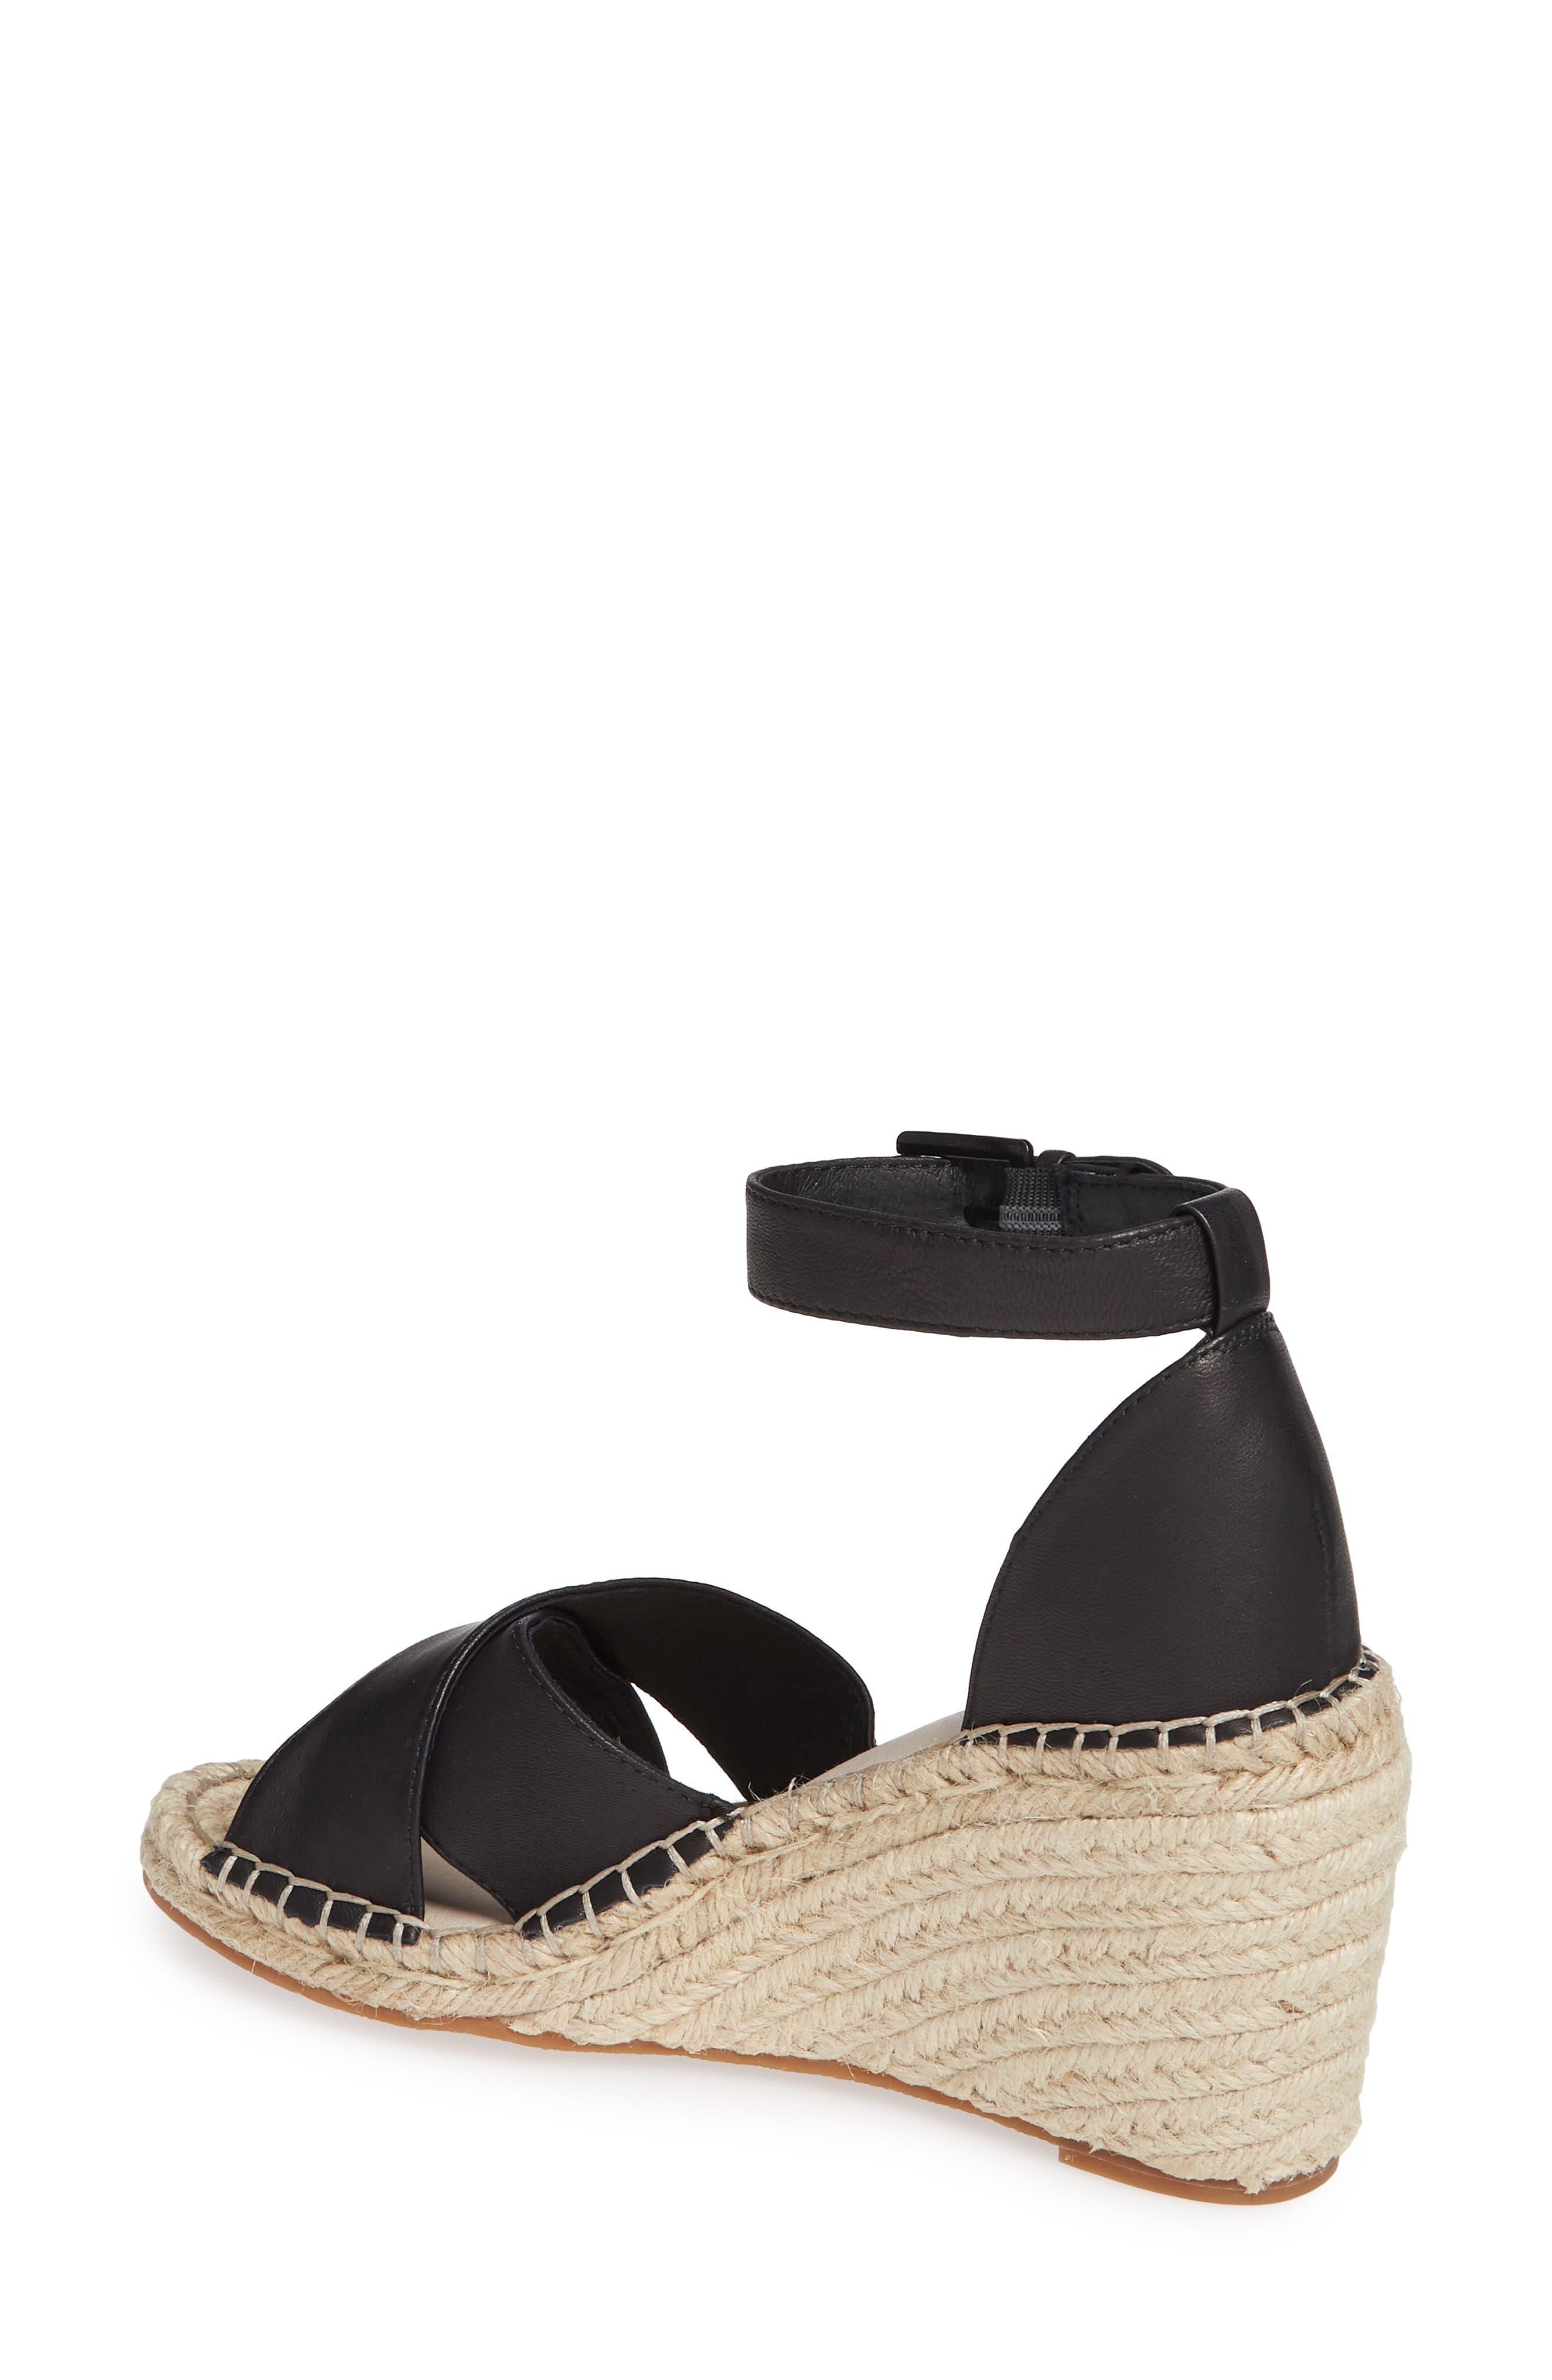 4190faecc515 Women s Caslon® Sandals